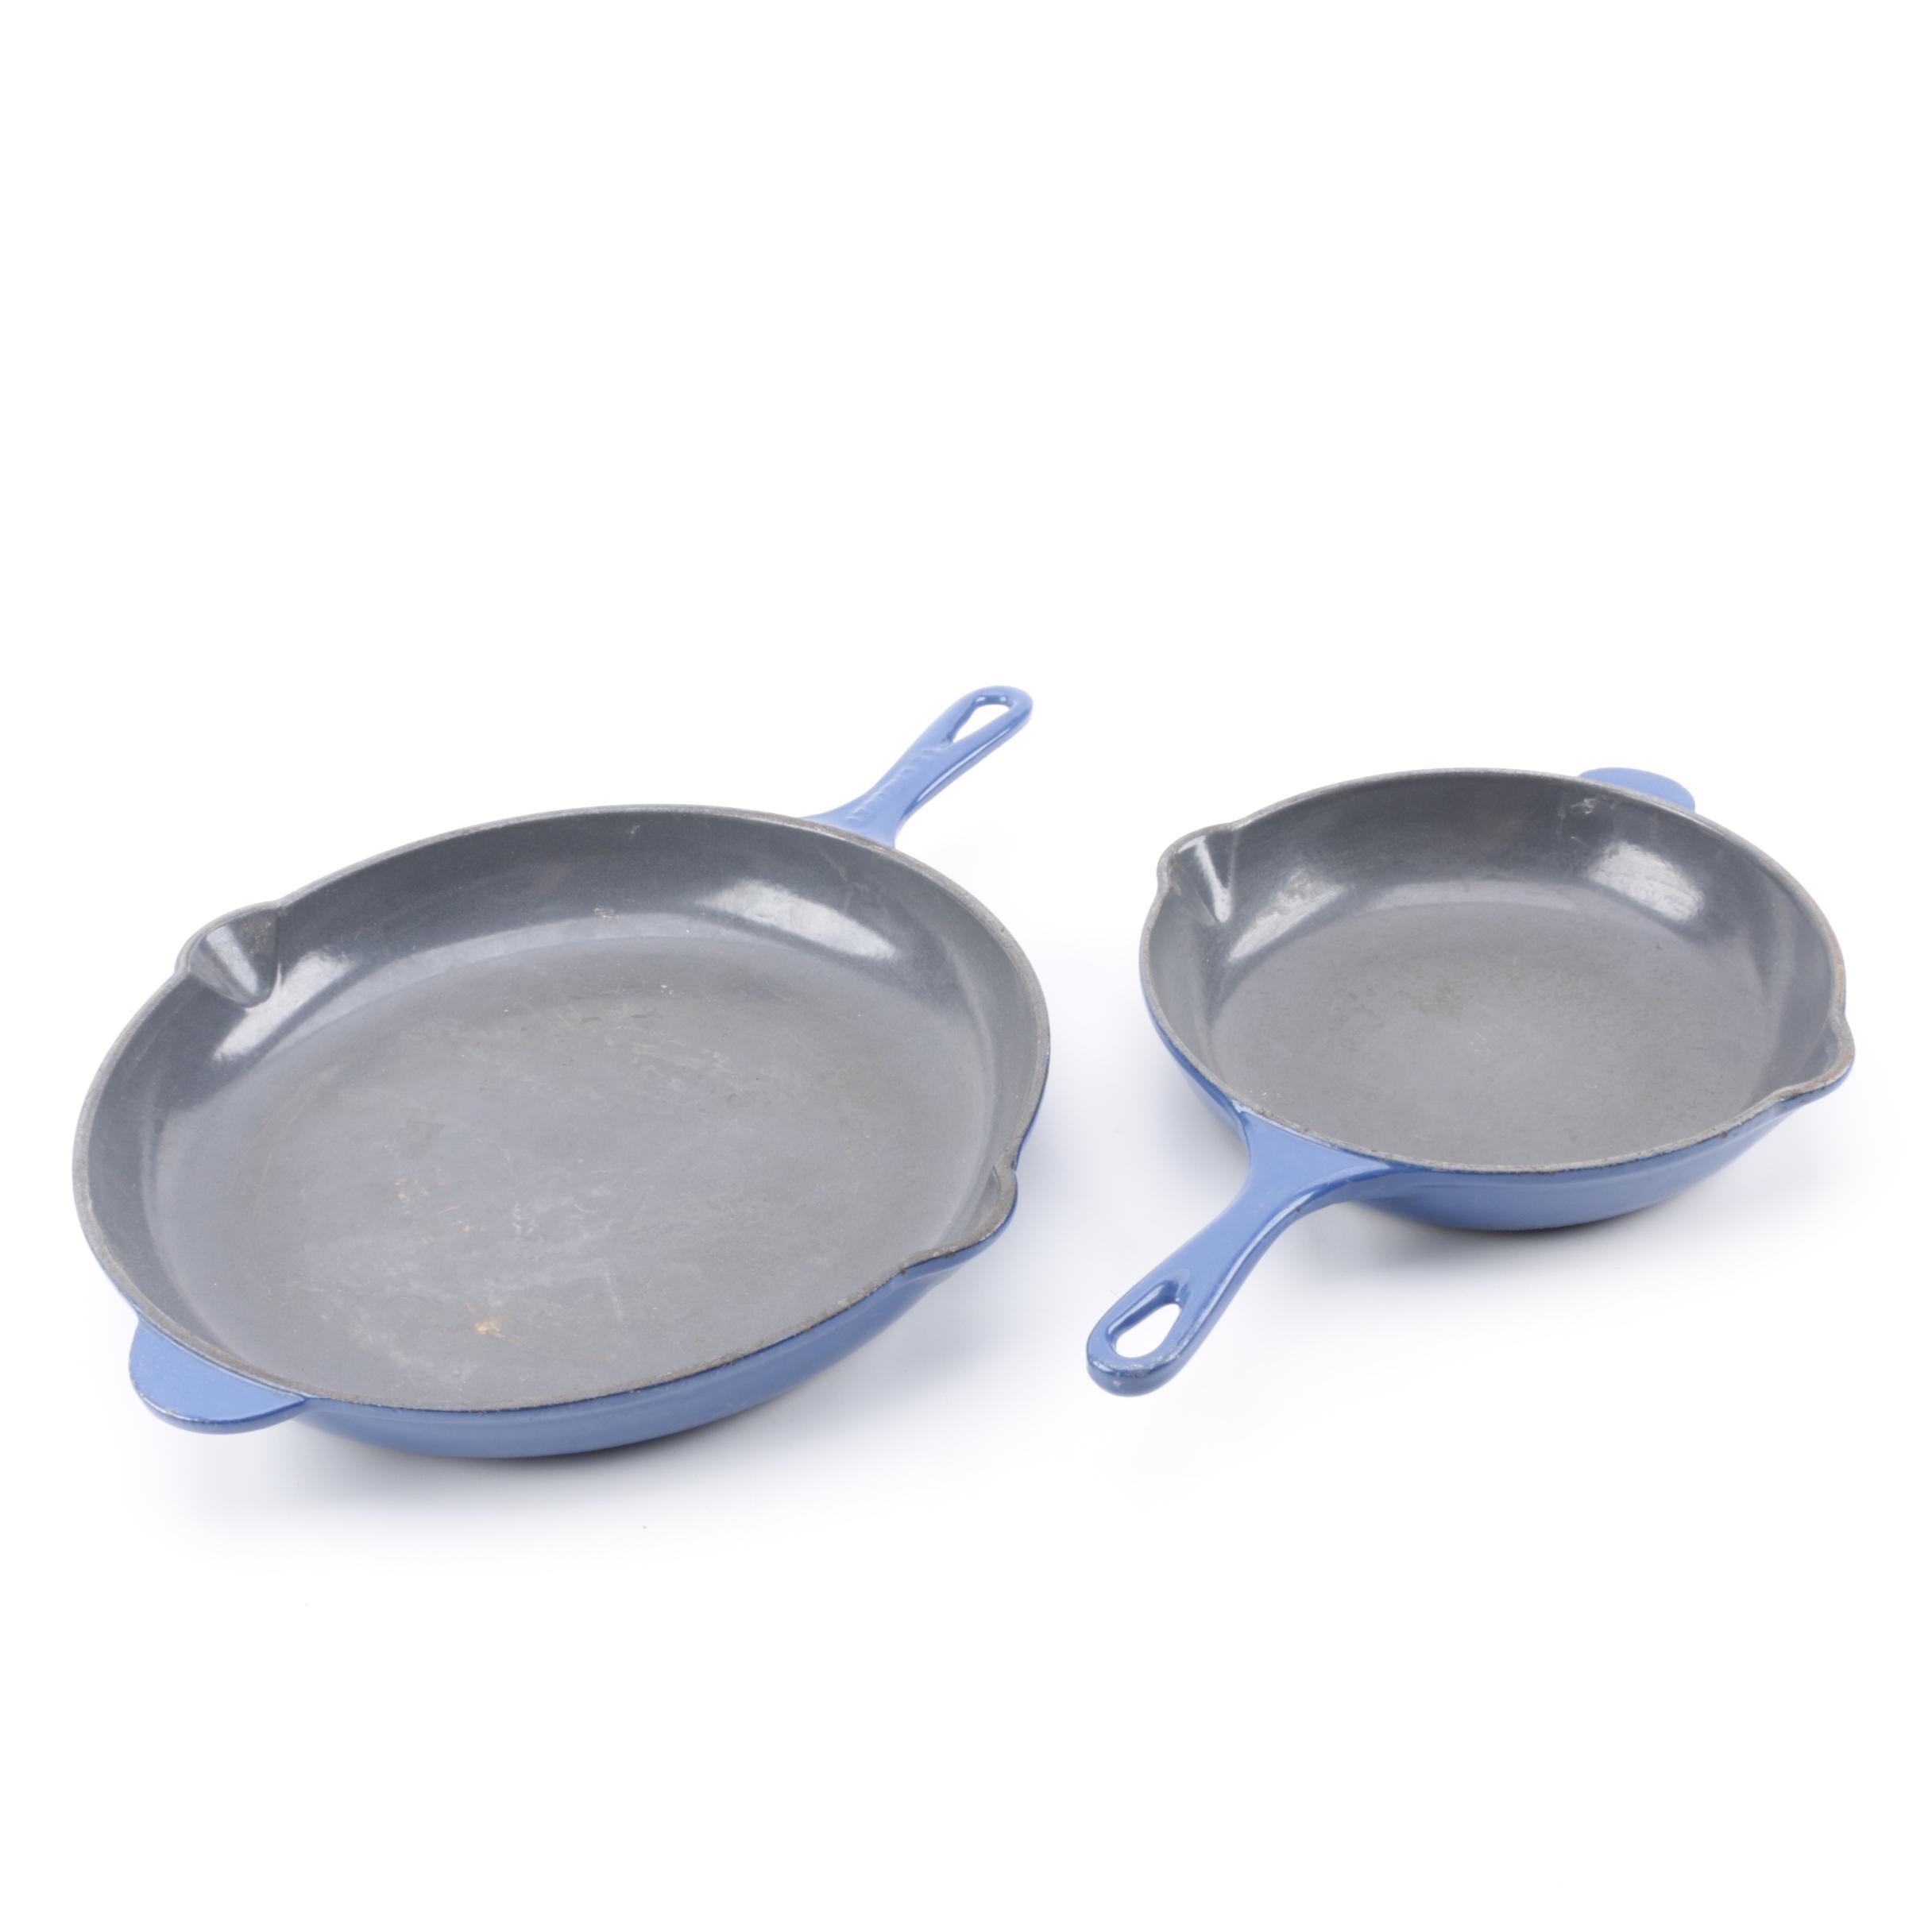 Le Creuset Blue Enamel Cast Iron Skillets